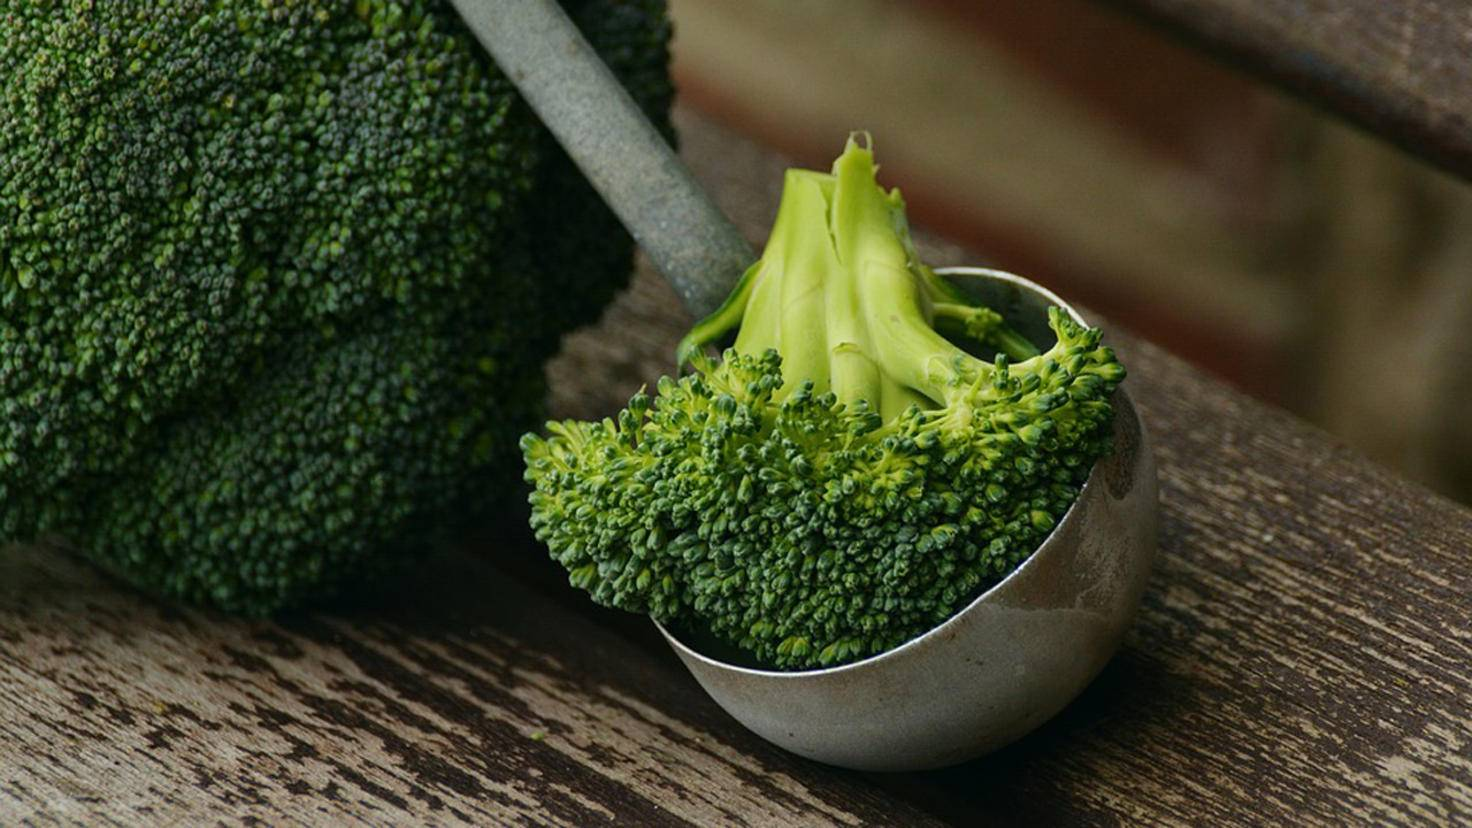 Grünes Superfood: Brokkoli ist reich an Vitaminen und Mineralstoffen.